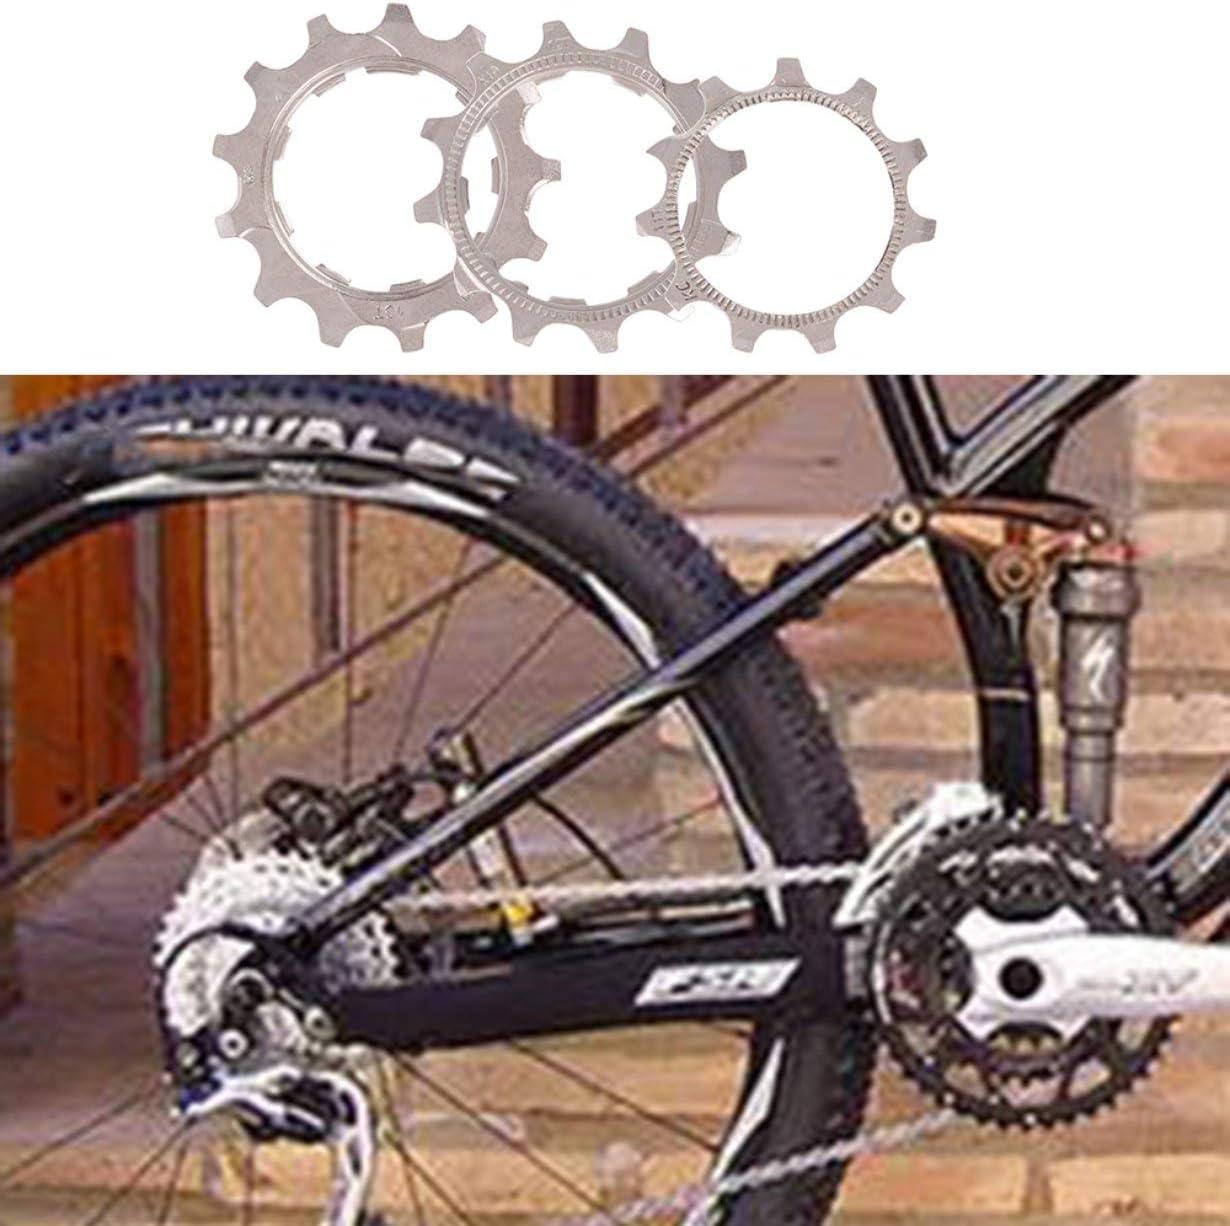 Anam Safdar Butt ZTT0 1 Piezas Reemplazo Cassette de Bicicleta Cog Road Bike MTB 8 9 10 11 Velocidad 11T 12T 13T Piezas de Rueda Libre para ZTTO K7 Piezas